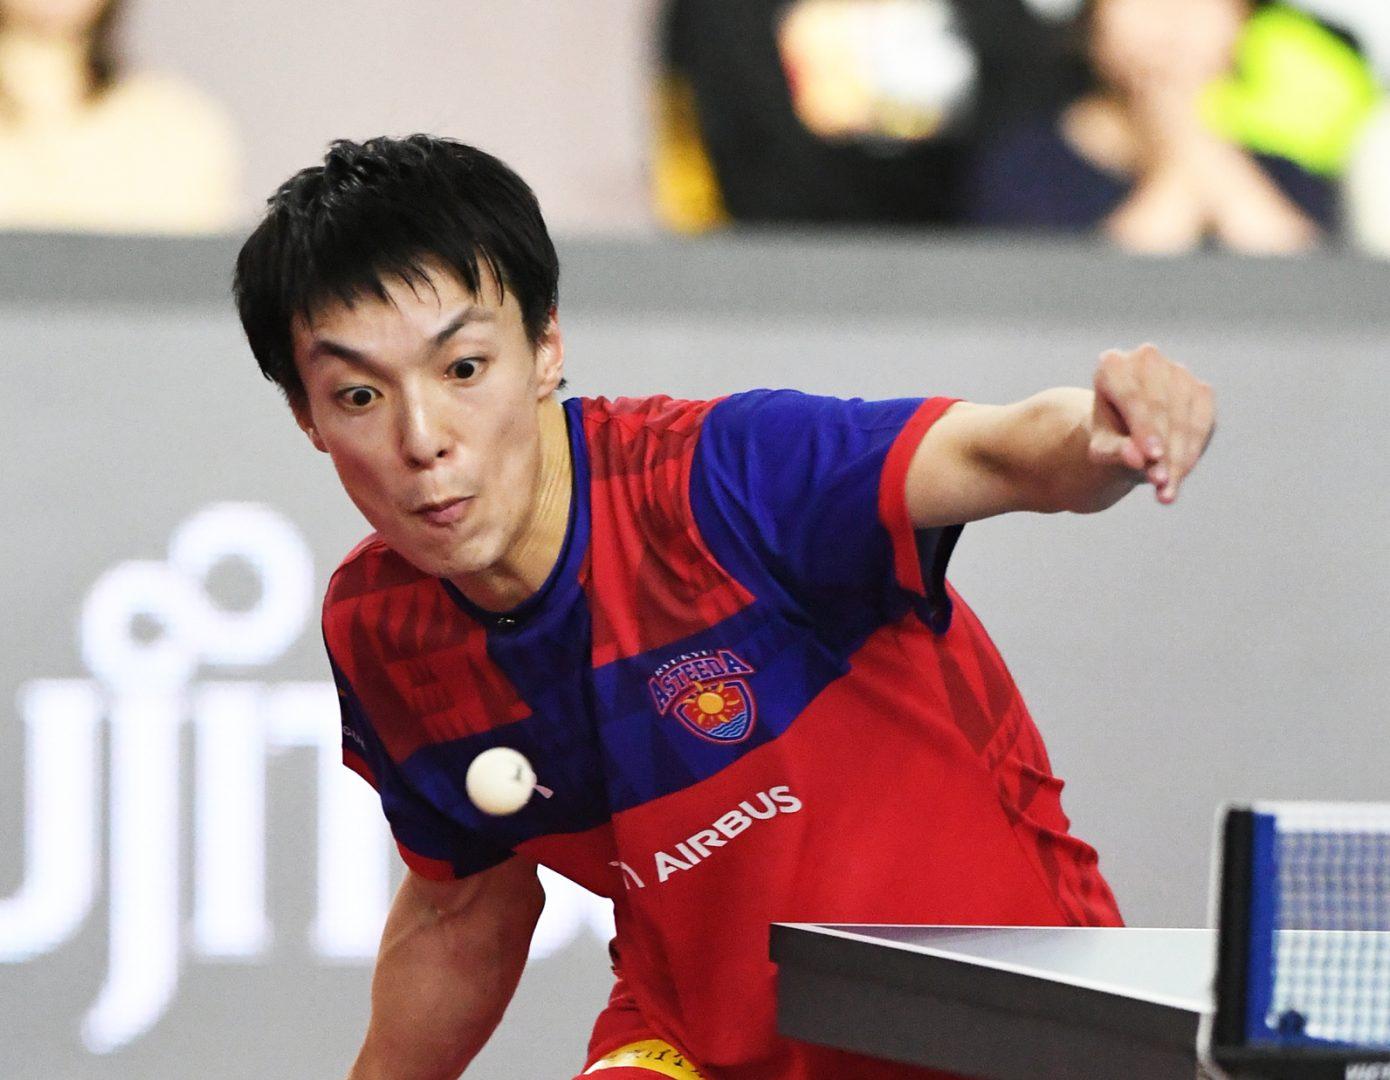 【卓球】松平賢二、アキラ100%と「マッスルペア」結成?「ぜひダブルスを!」と快諾